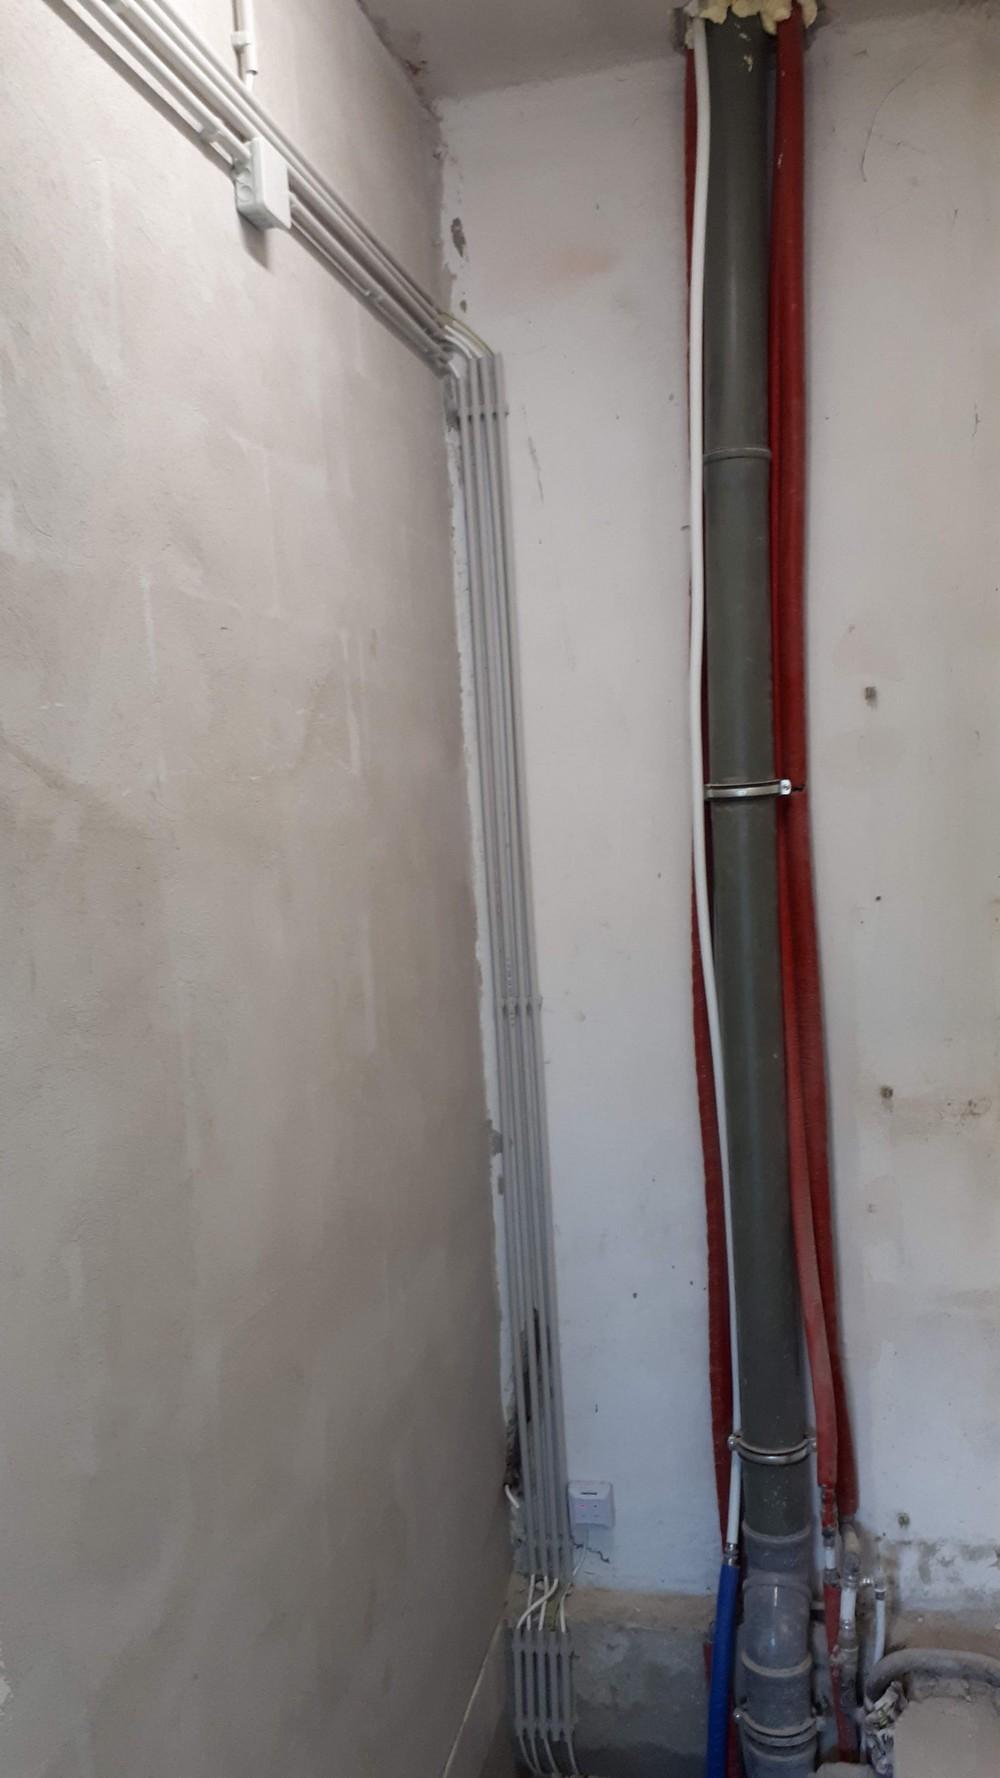 Villanyszerelés Budapest - Falon kívüli villanyszerelés pincében